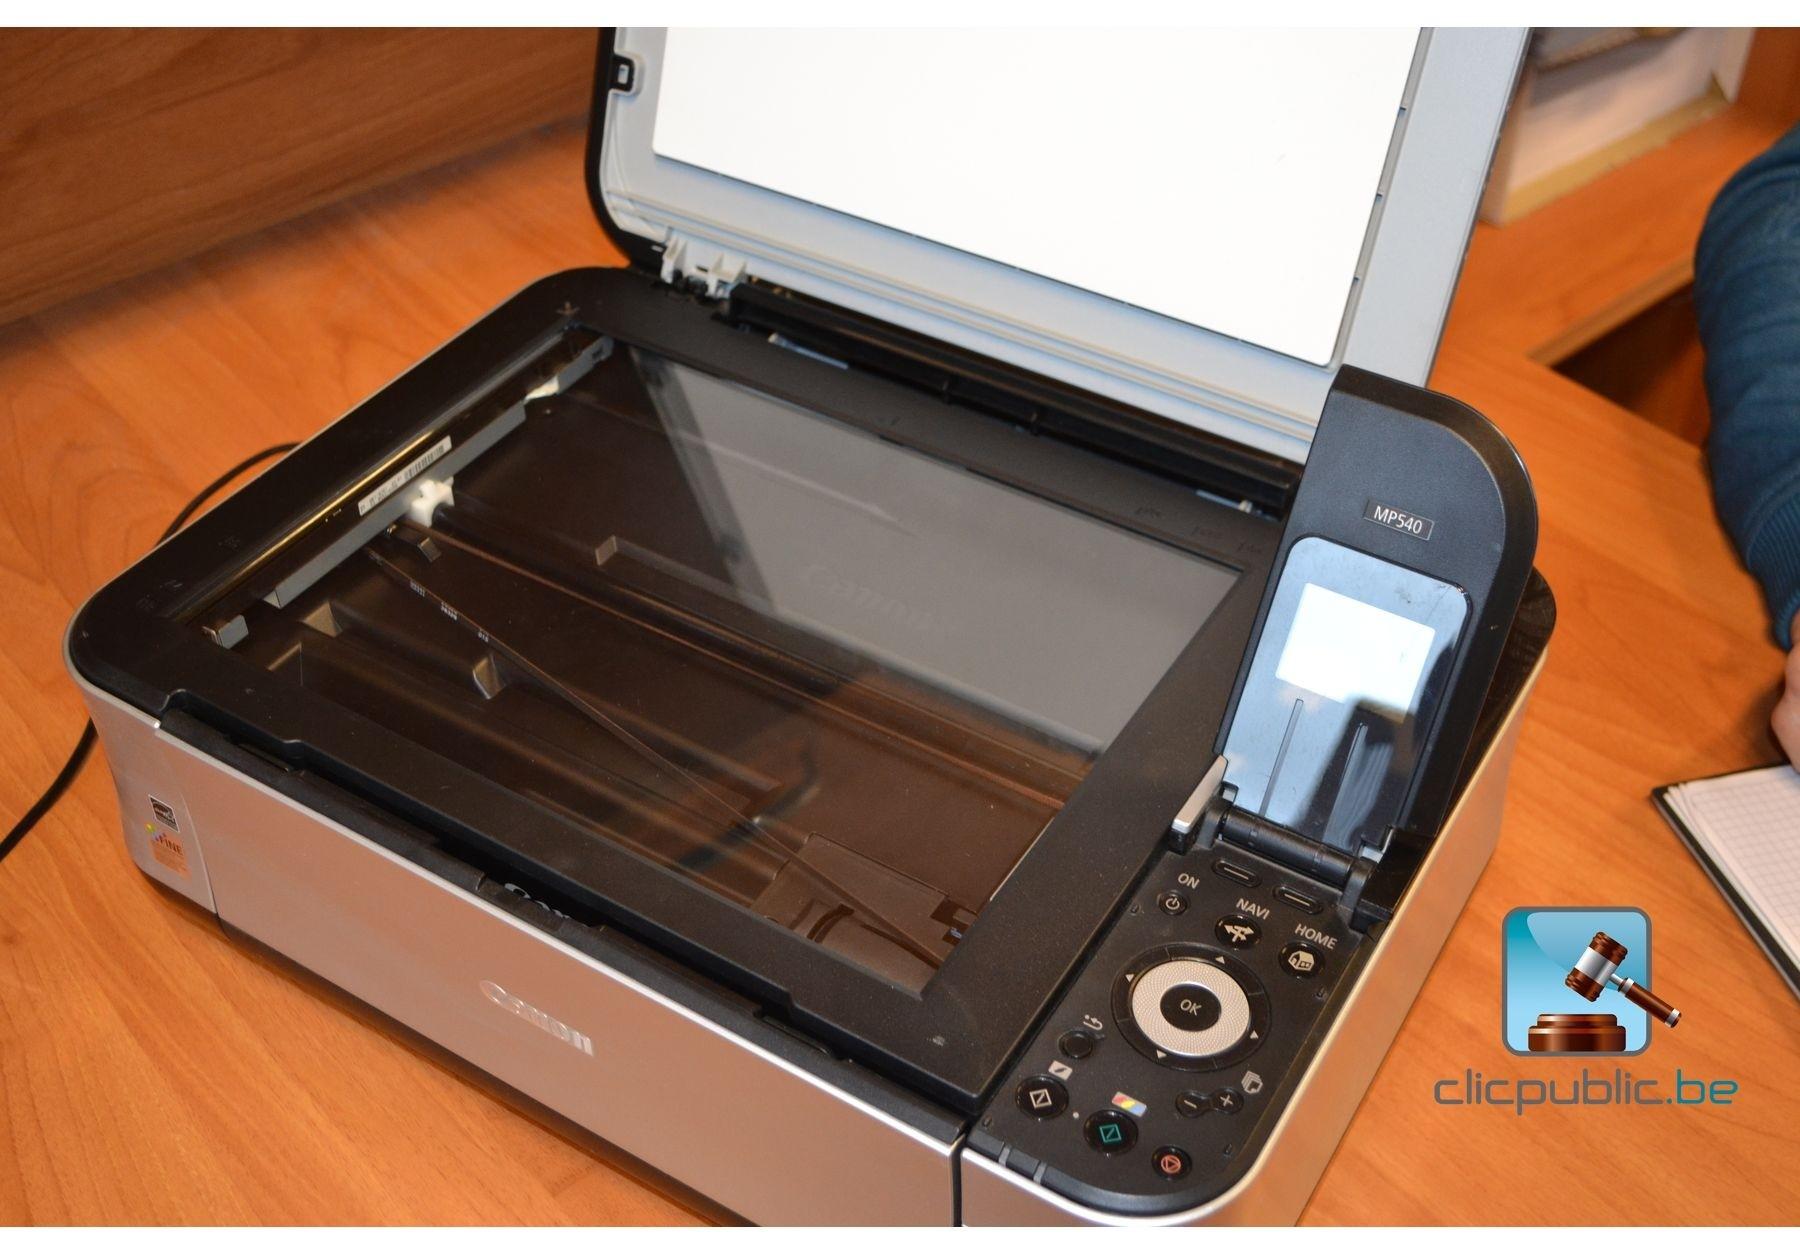 Ordinateur portable asus et une imprimante canon mp540 for Meuble pour ordinateur portable et imprimante